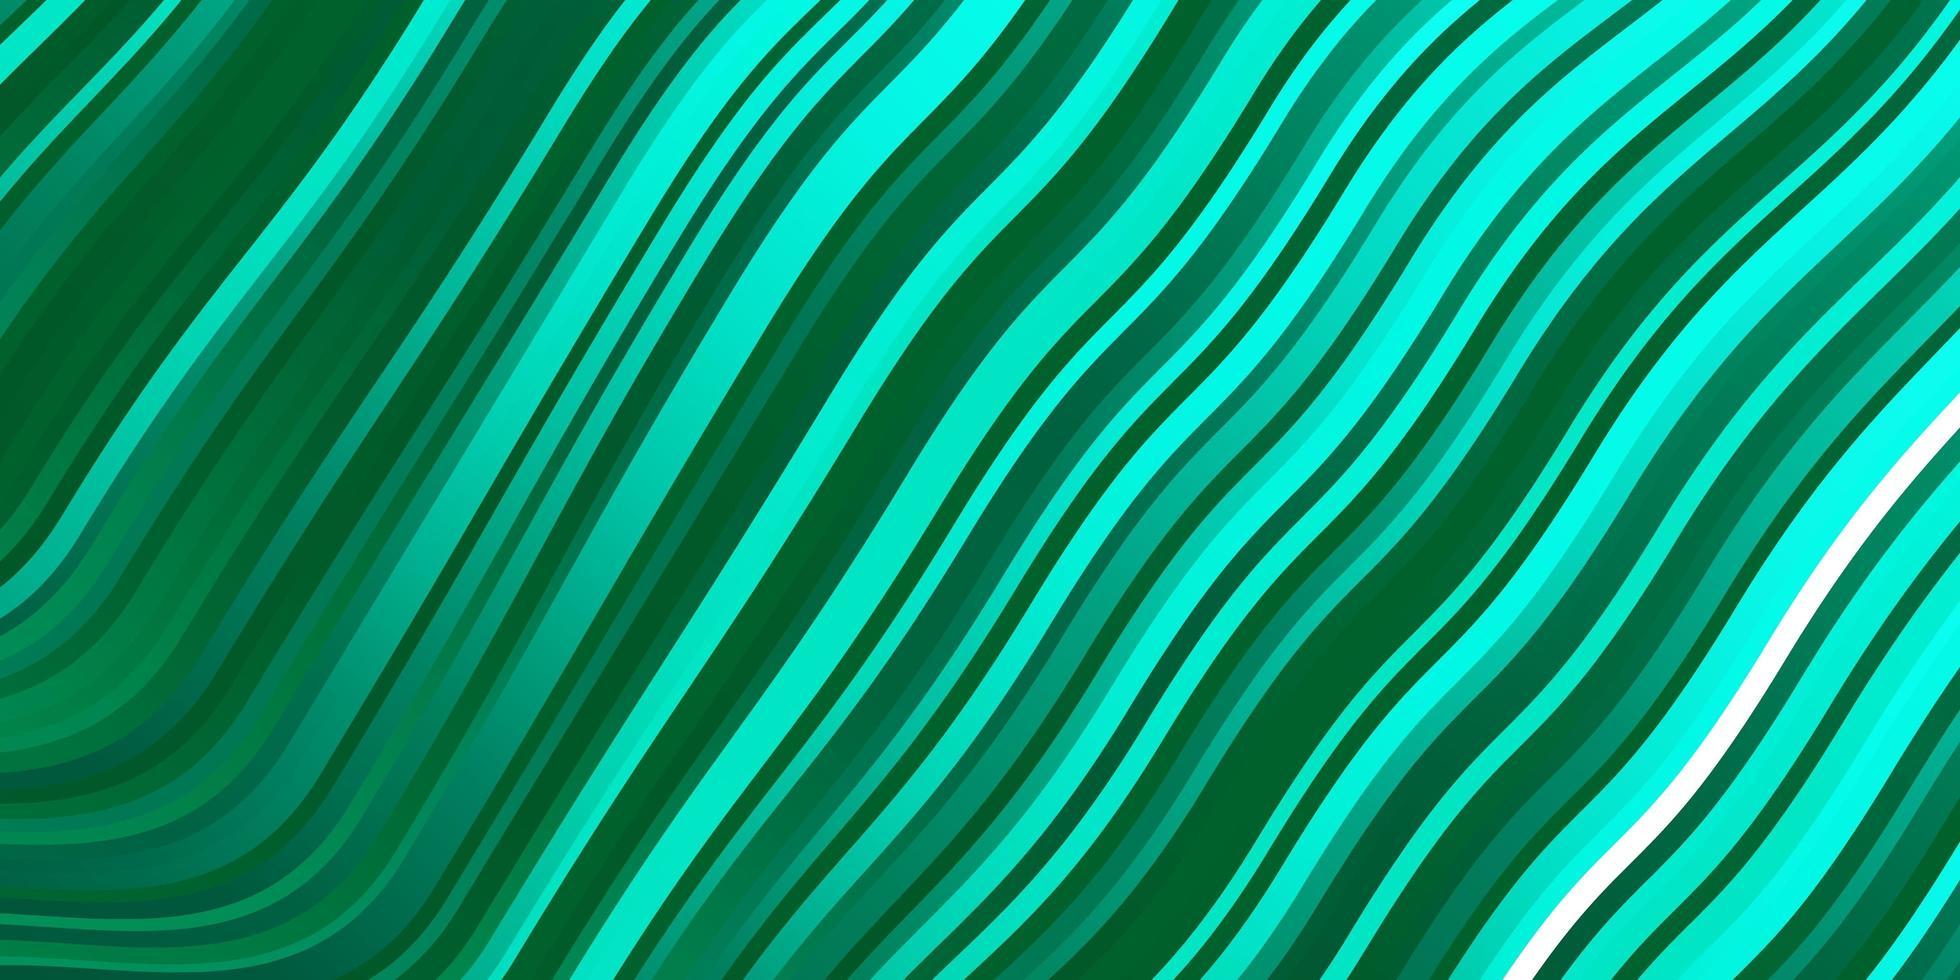 hellgrüner Vektorhintergrund mit gekrümmten Linien vektor